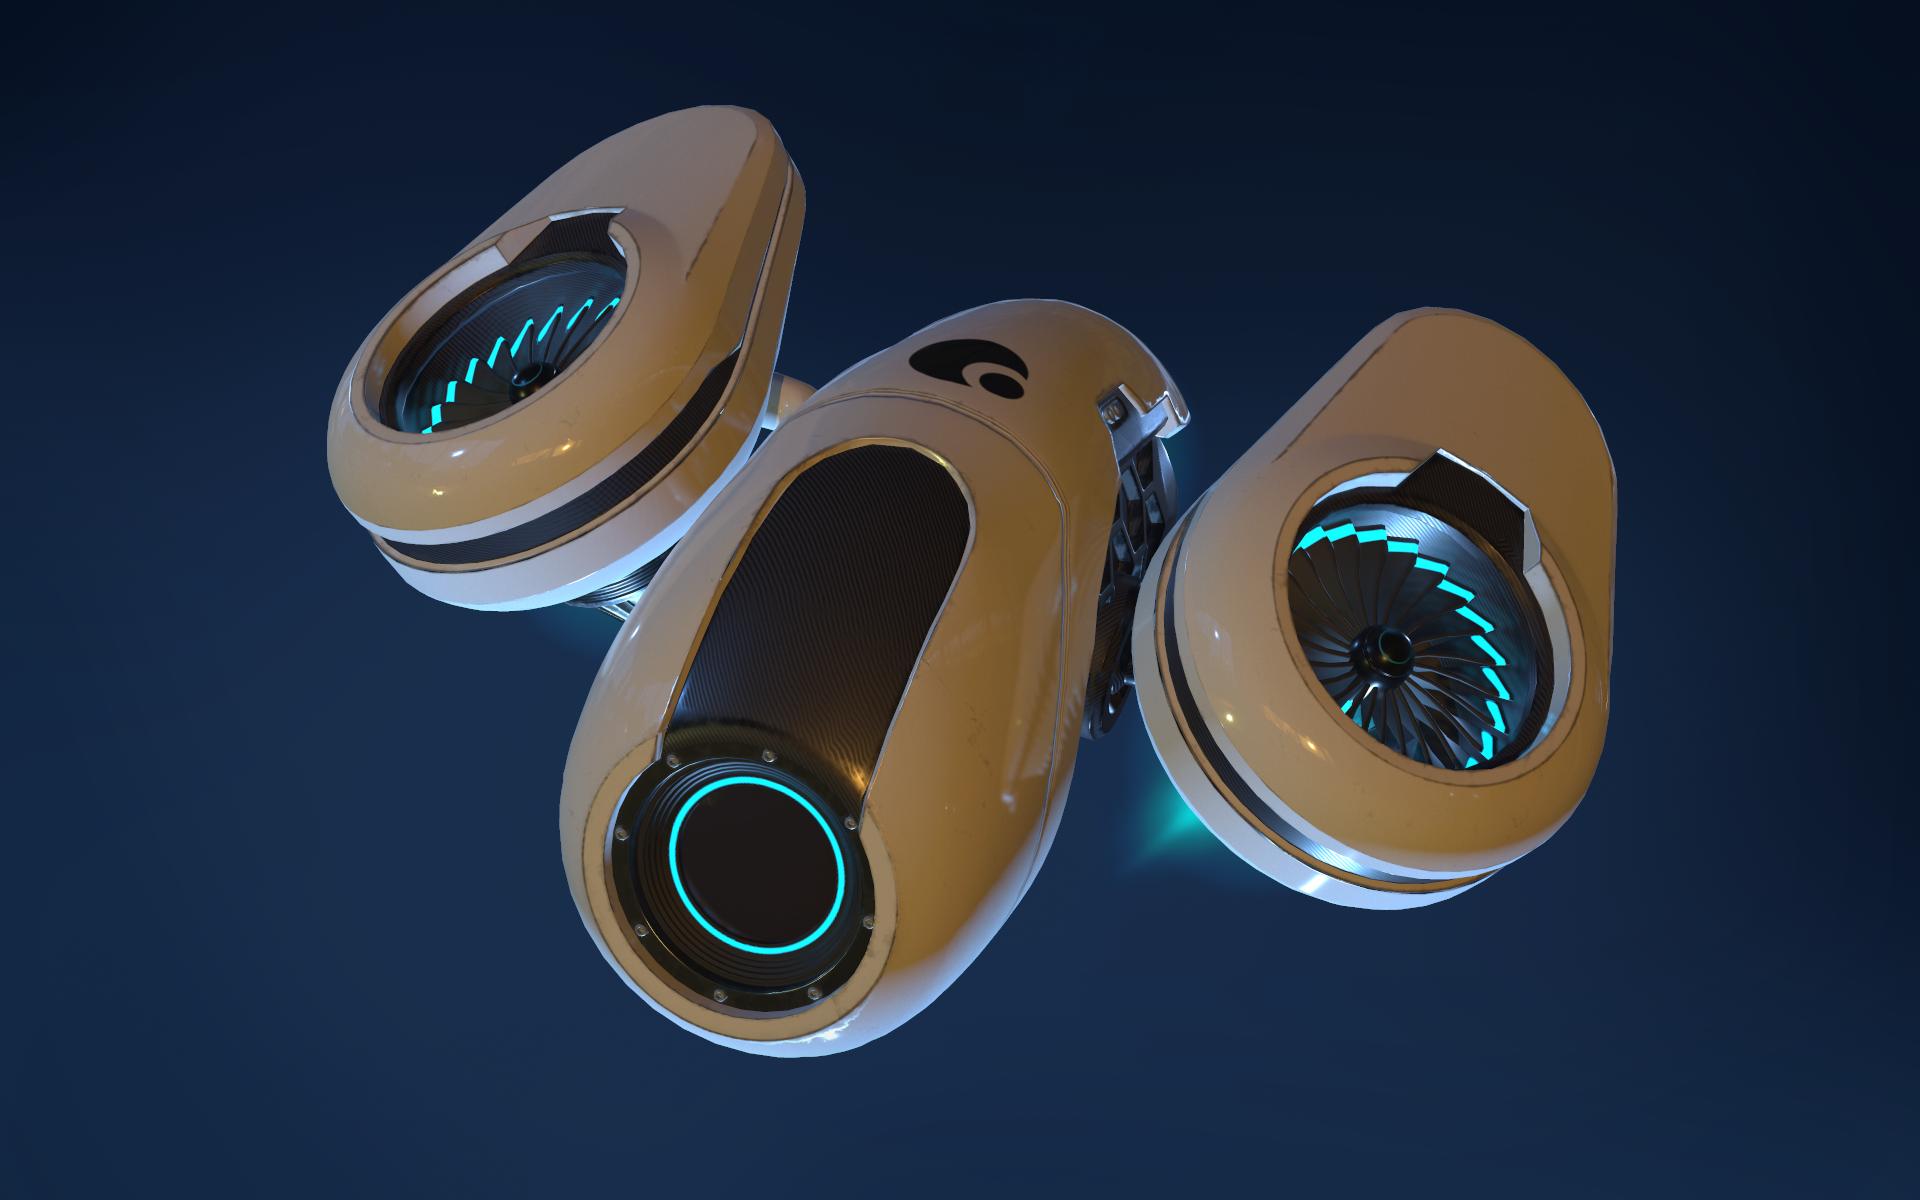 prime_drone_rendering_02